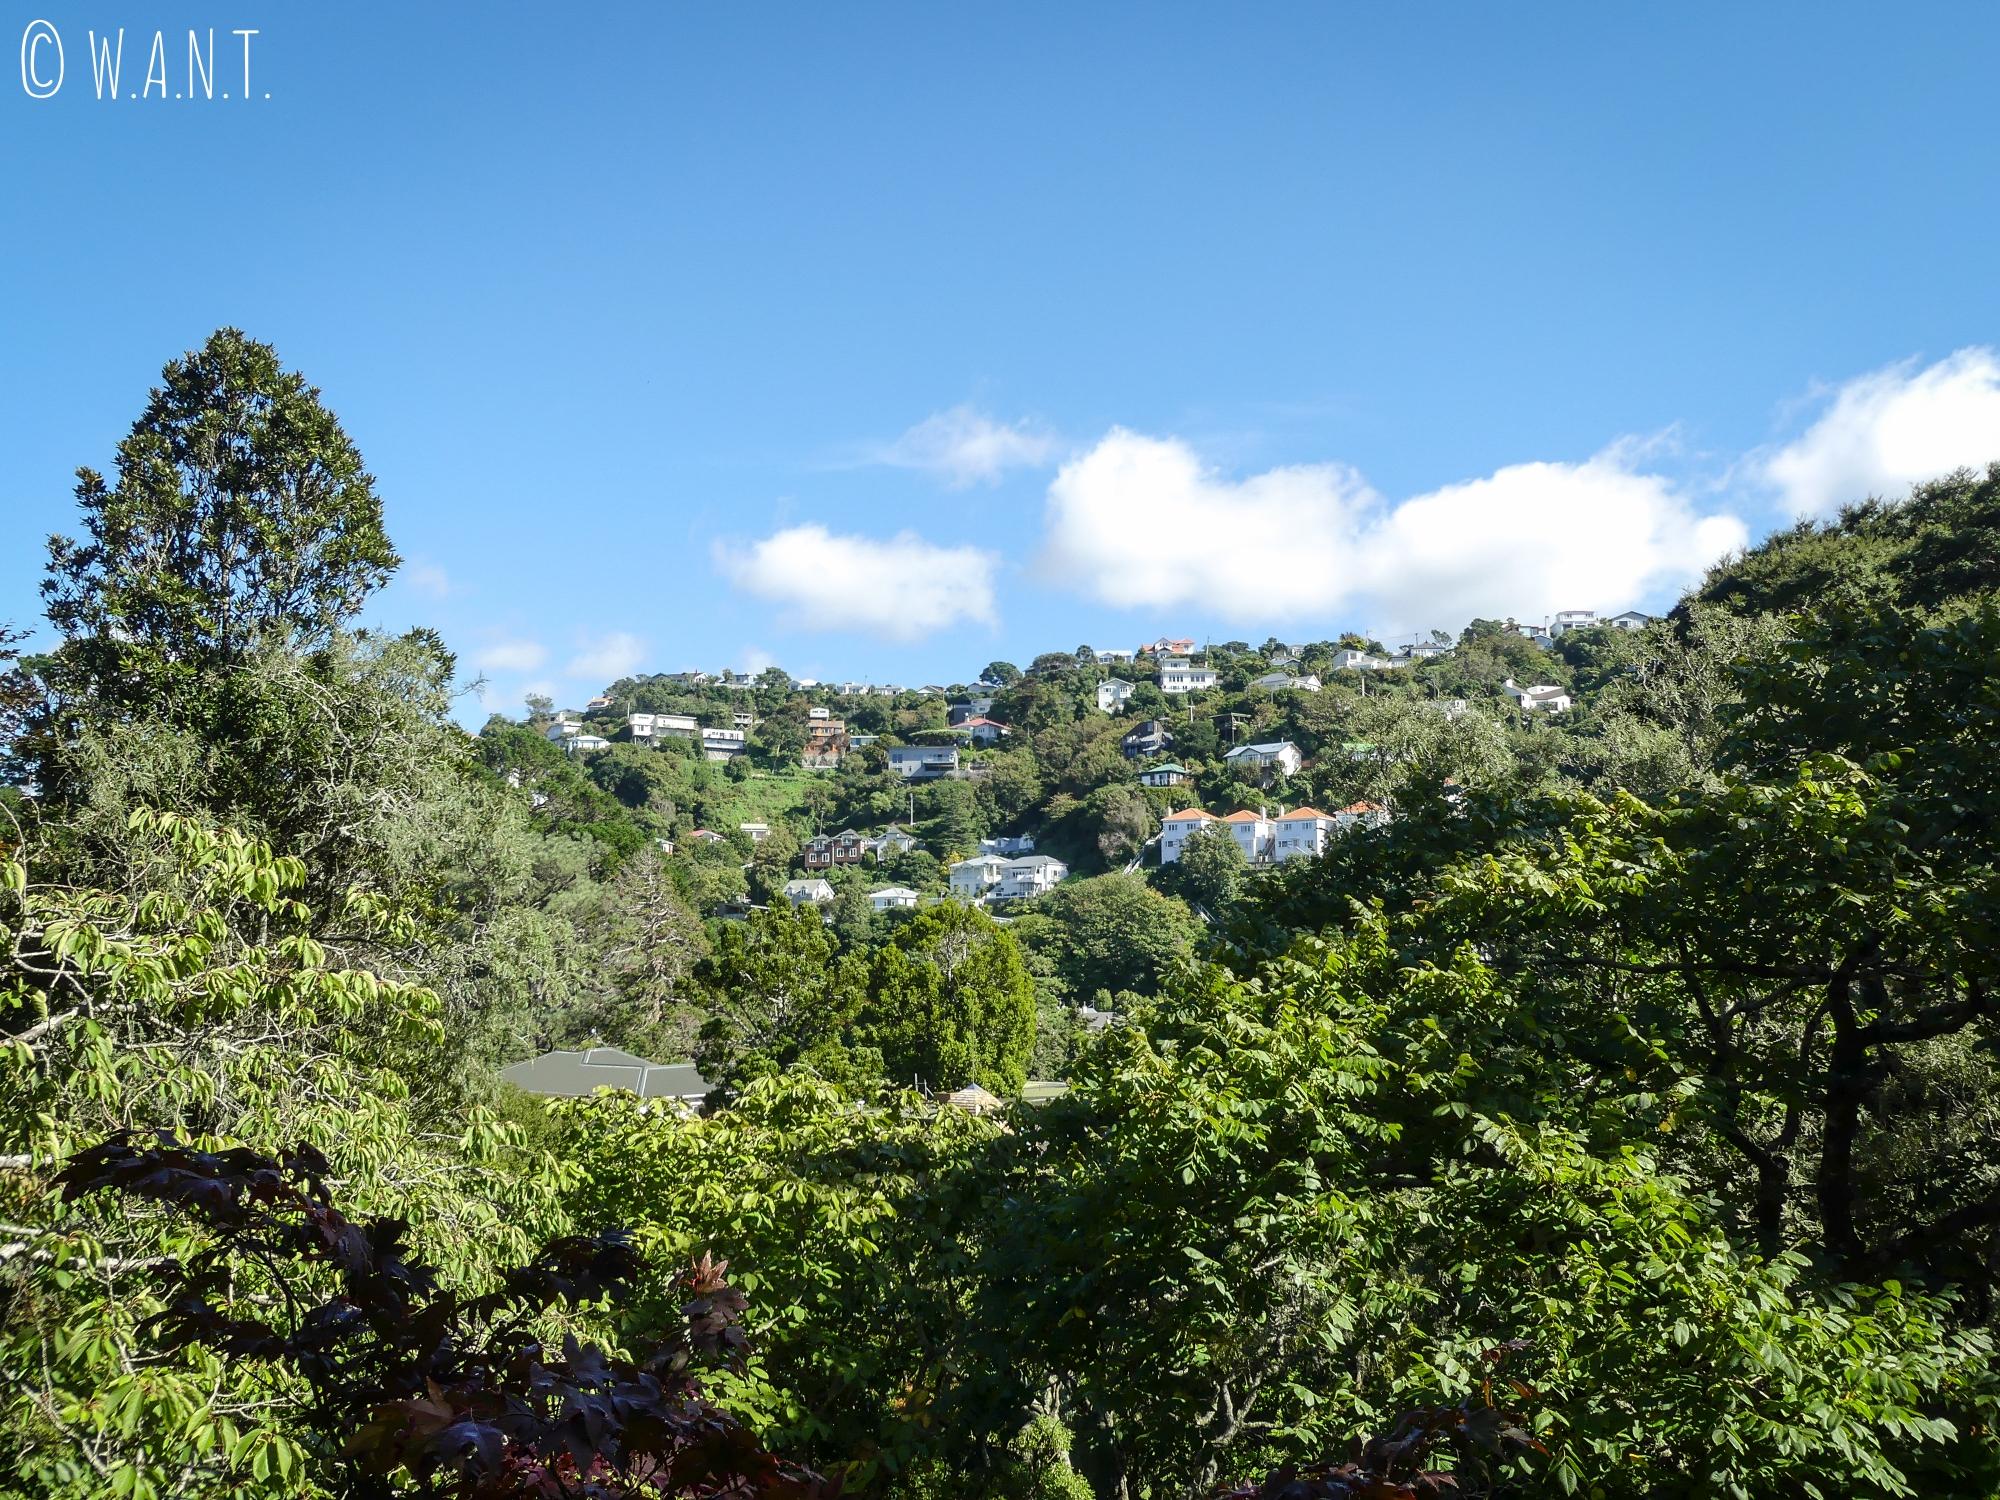 Vue depuis le jardin botanique de Wellington